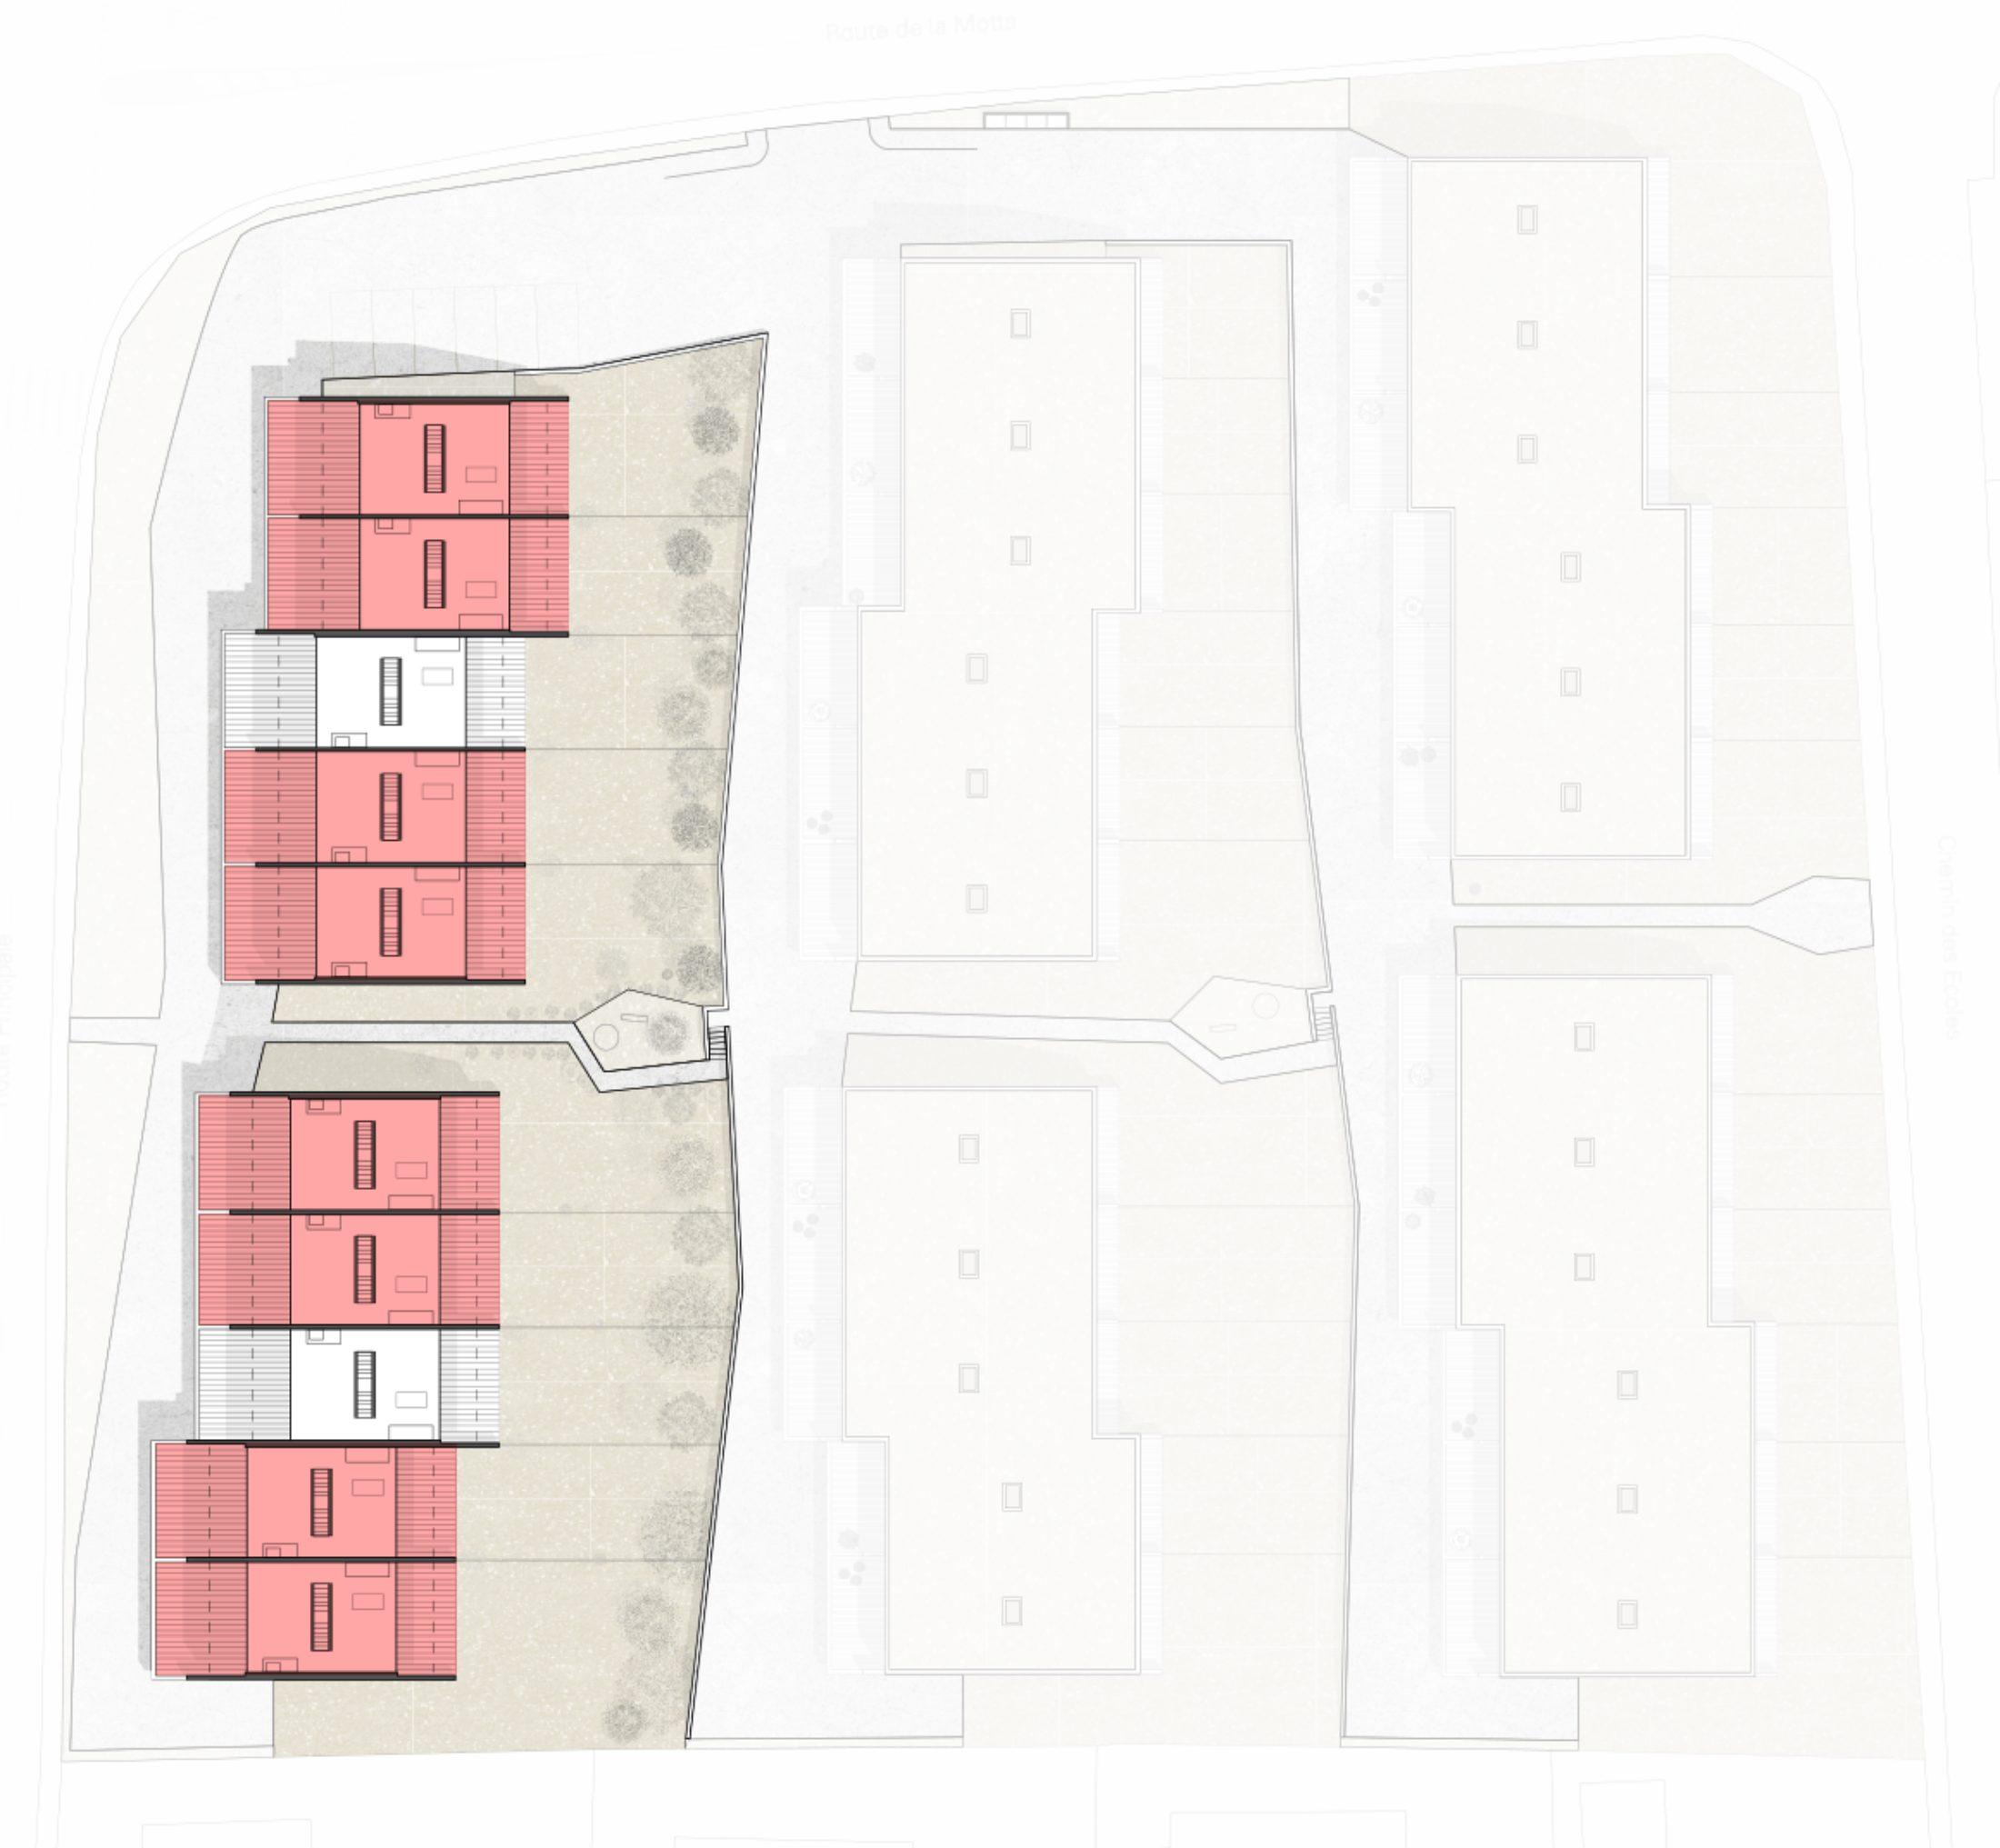 Plan villas ab